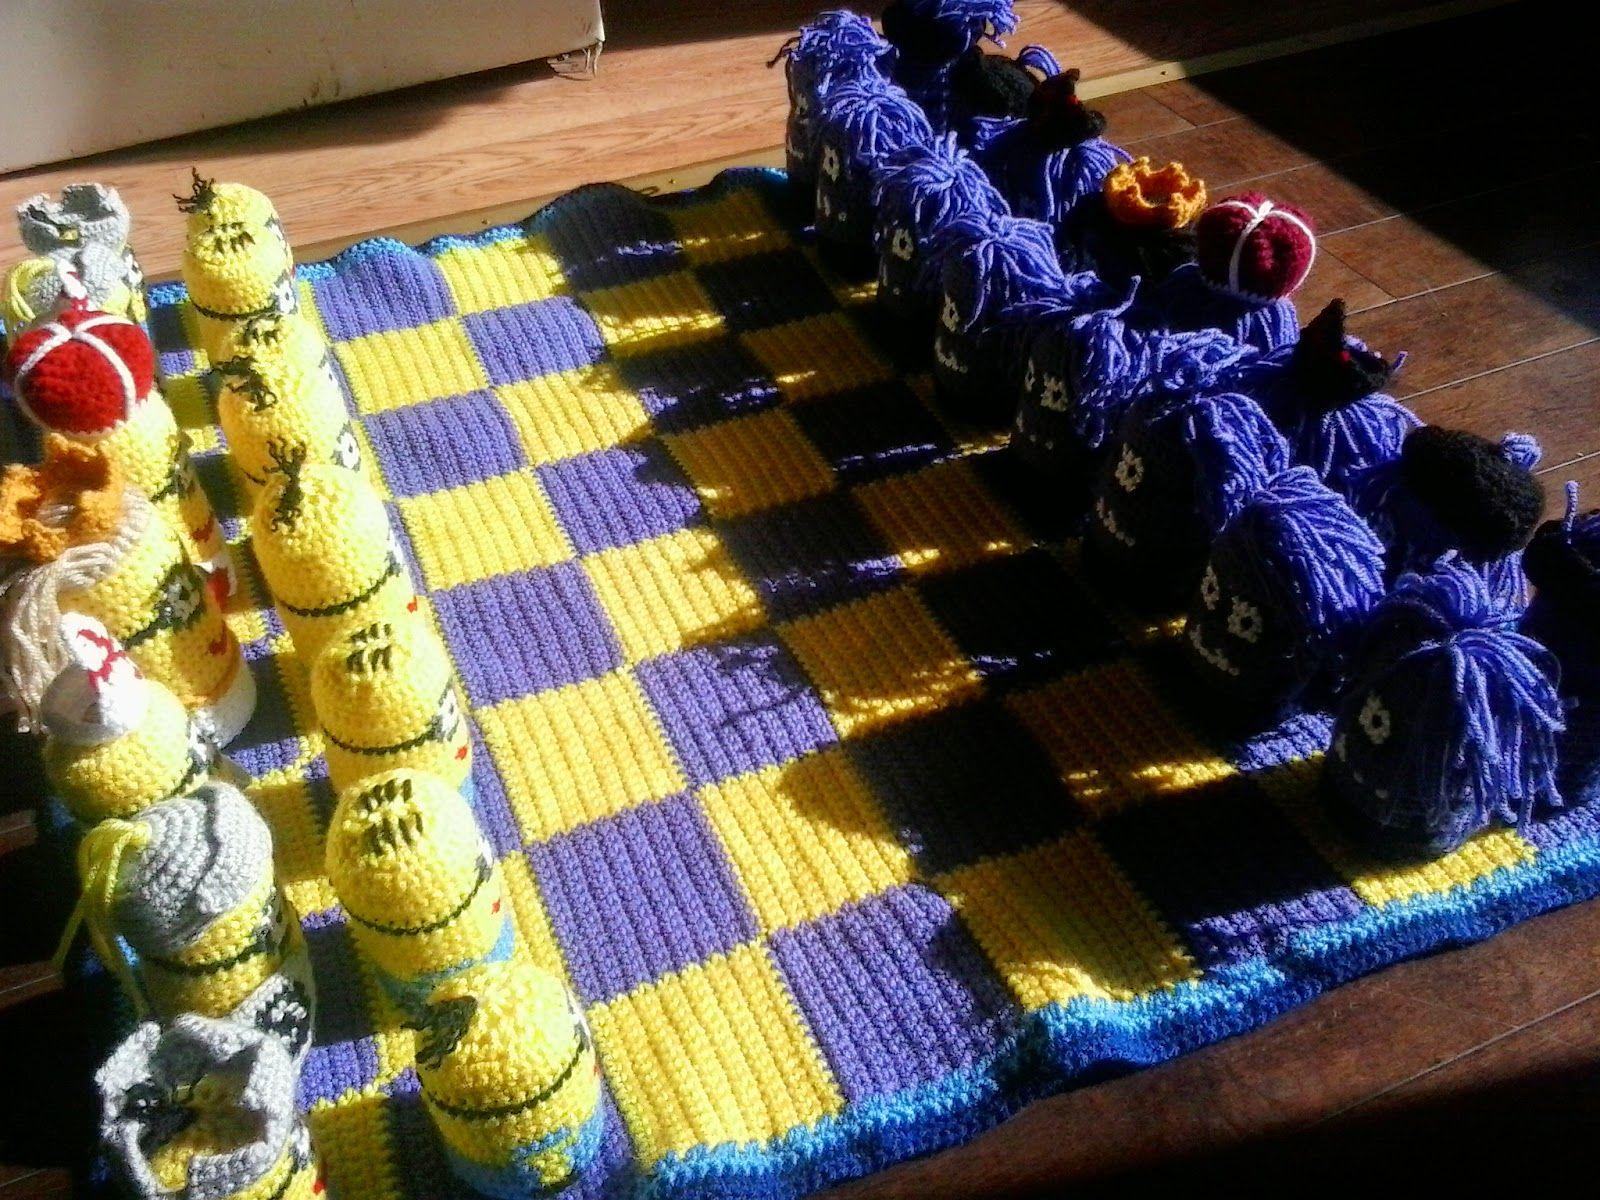 Crochet Fanatic: MINION CHESS SET | CRAFTS - Crochet & Knitting both ...